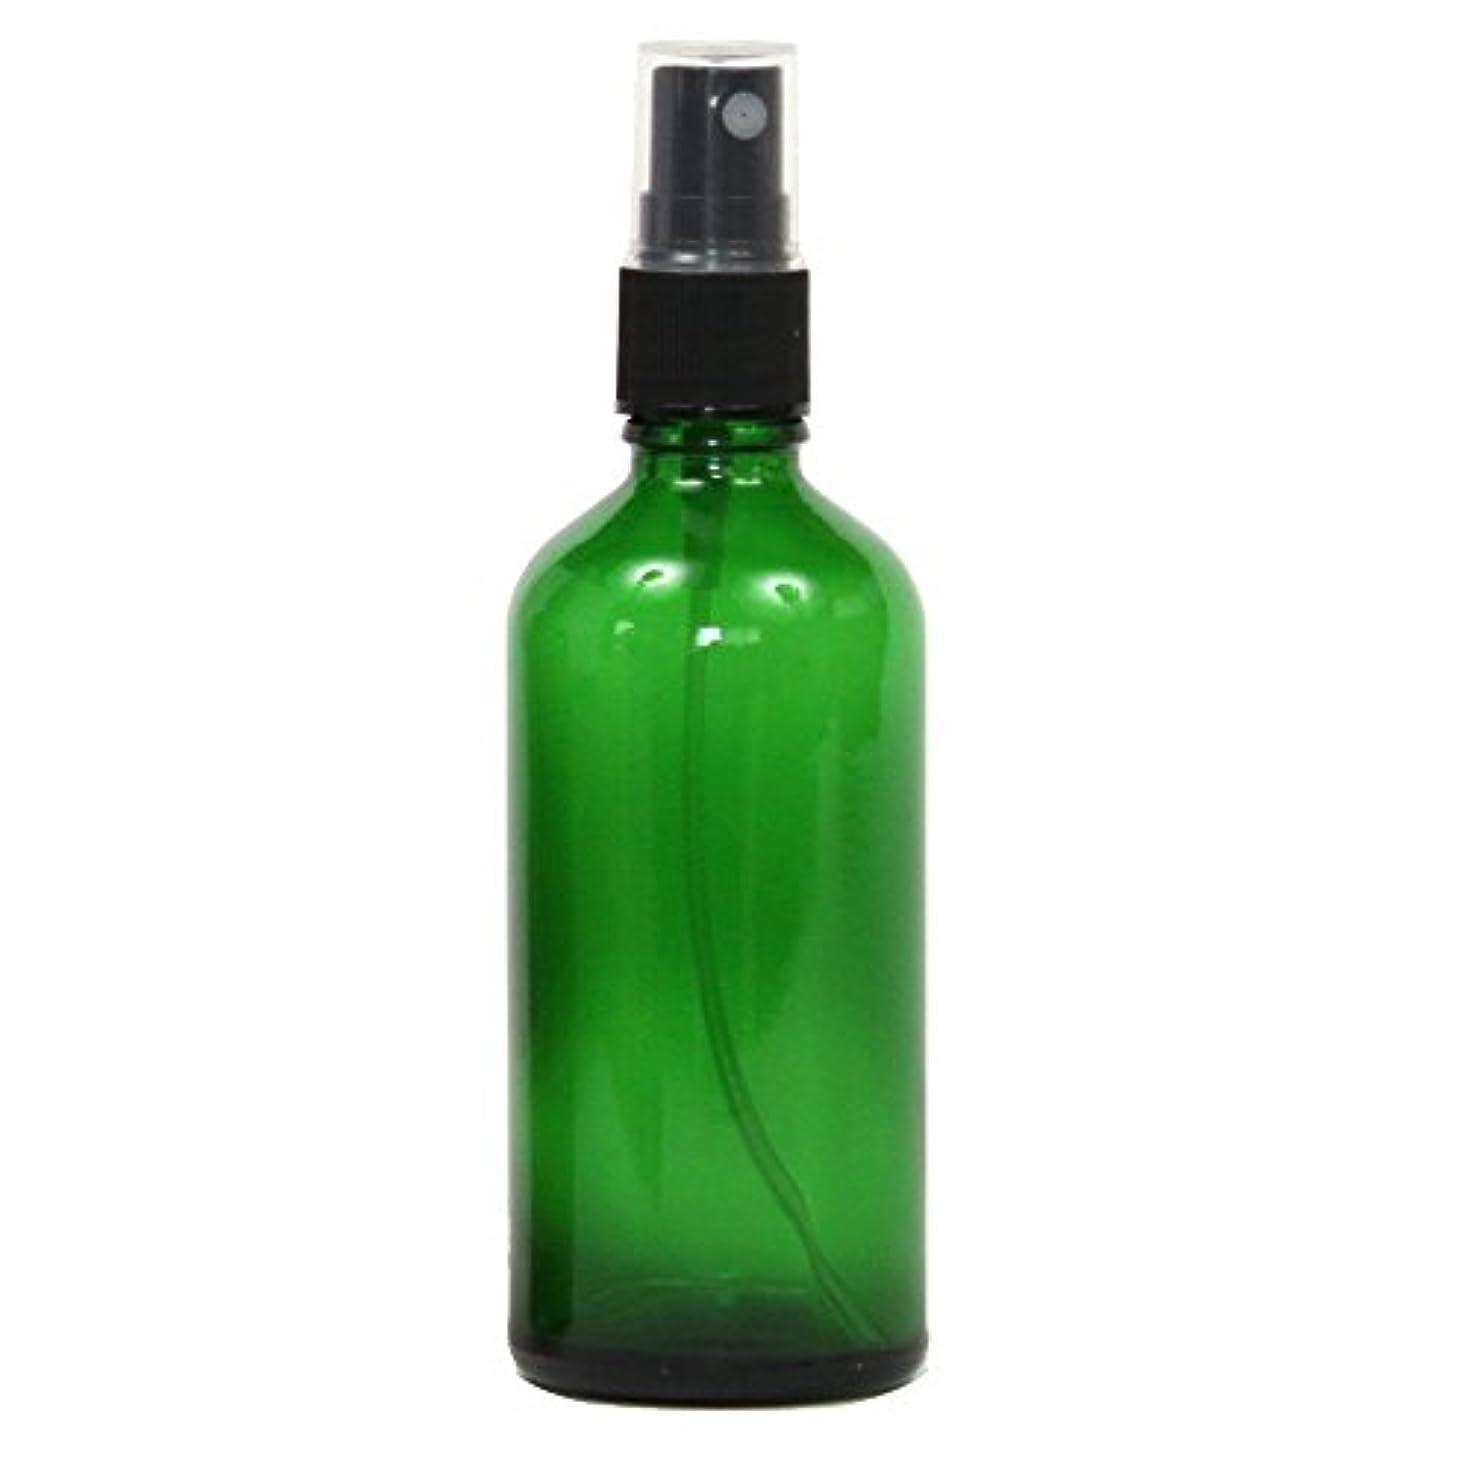 危険にさらされている測定等しいスプレーボトル ガラス瓶 100mL 遮光性グリーン ガラスアトマイザー 空容器